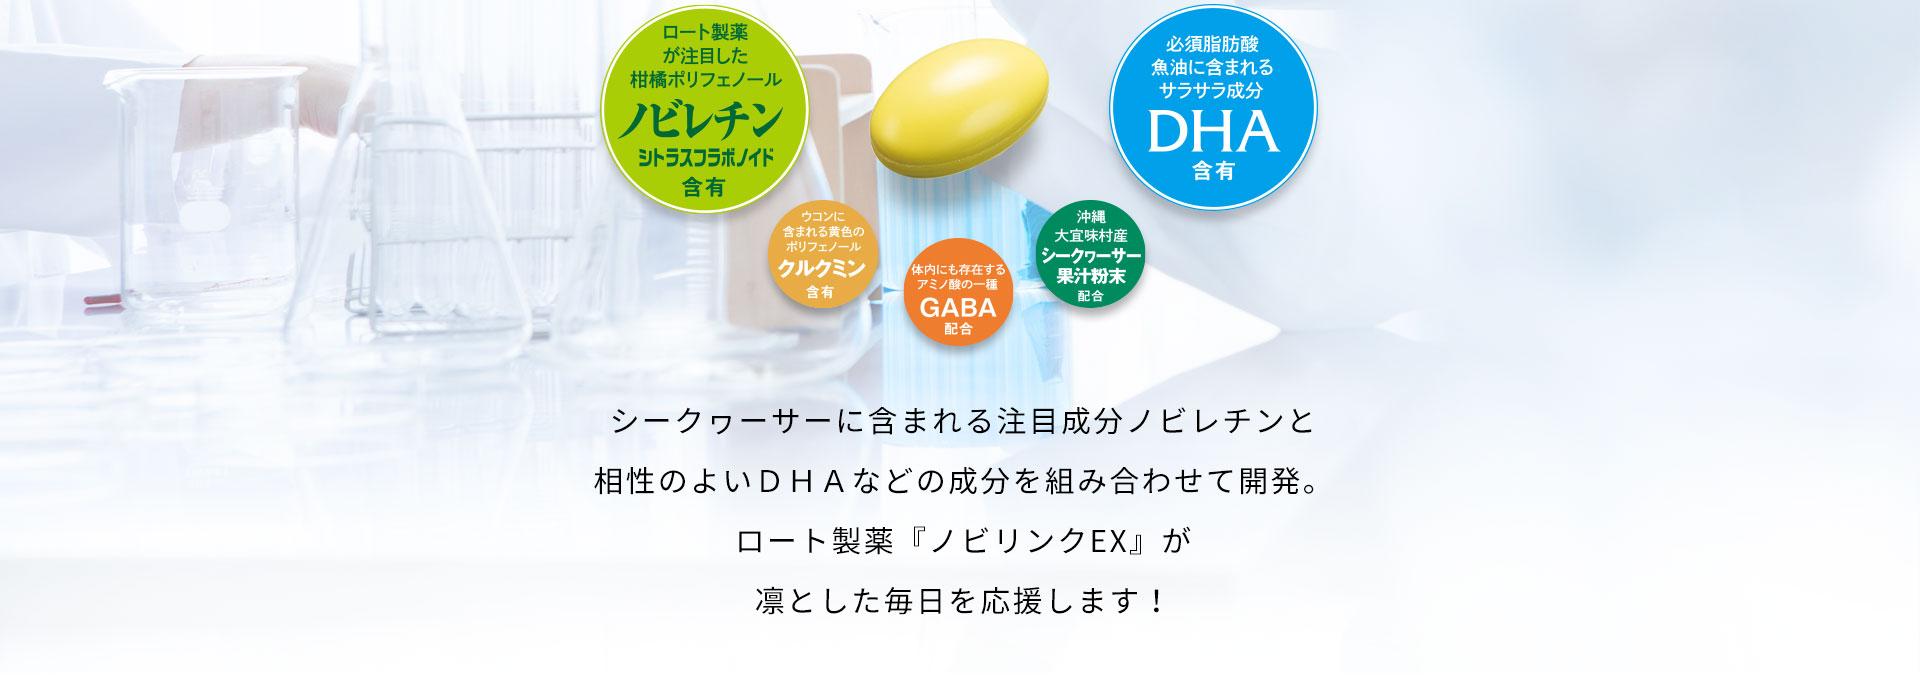 シークヮーサーに含まれる注目成分ノビレチンと相性のよいDHAなどの成分を組み合わせて開発。ロート製薬『ノビリンクEX』が凛とした毎日を応援します!